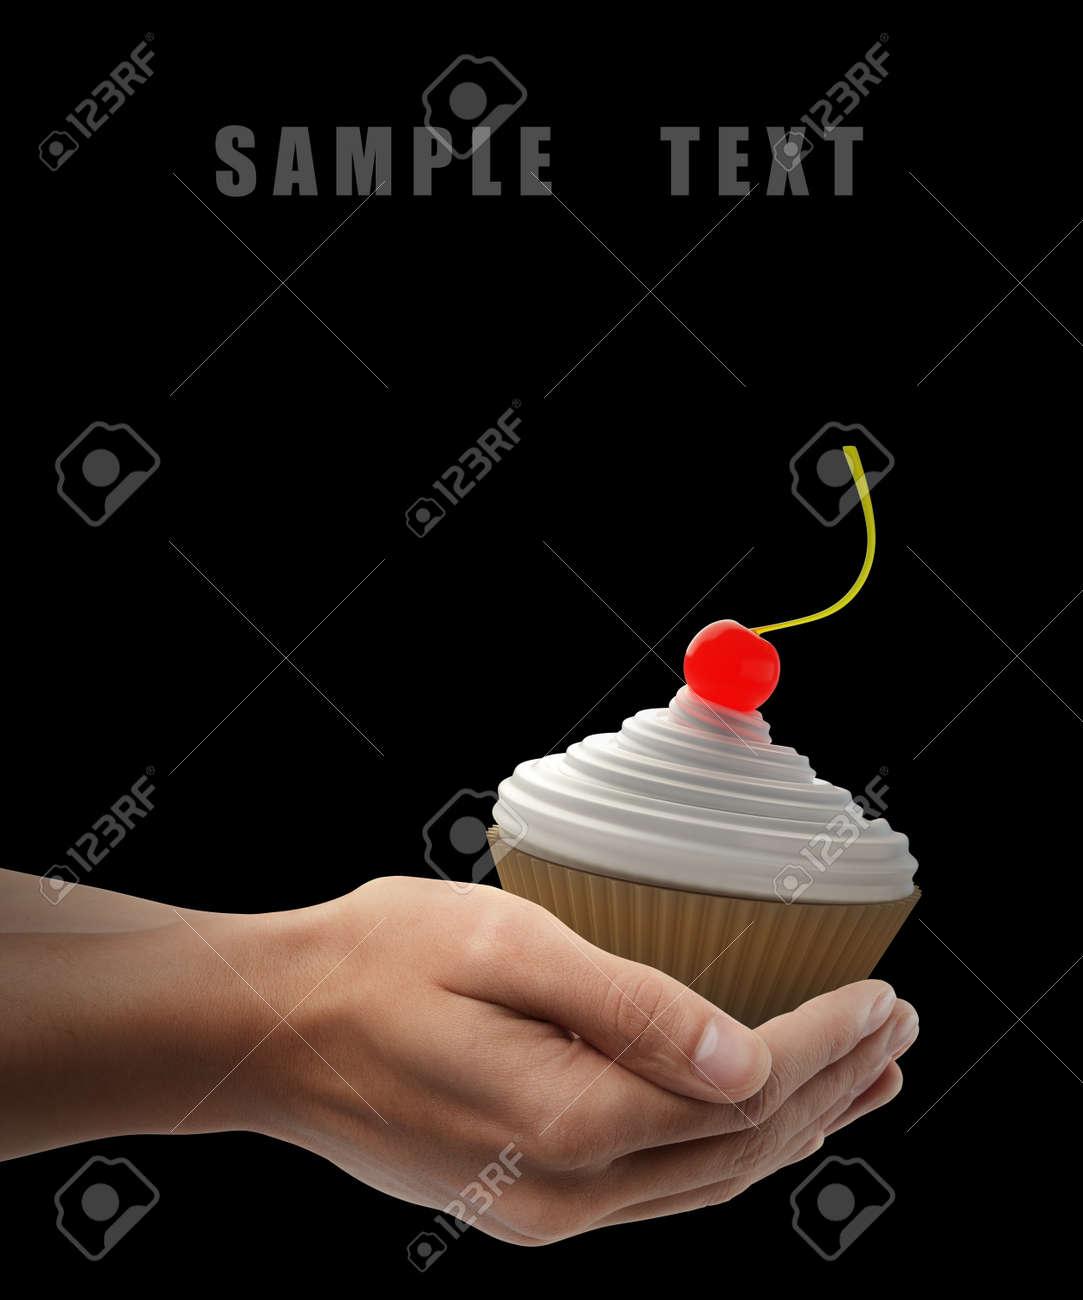 Nahaufnahme Man Hand Halt Becher Kuchen Mit Creme Fraiche Auf